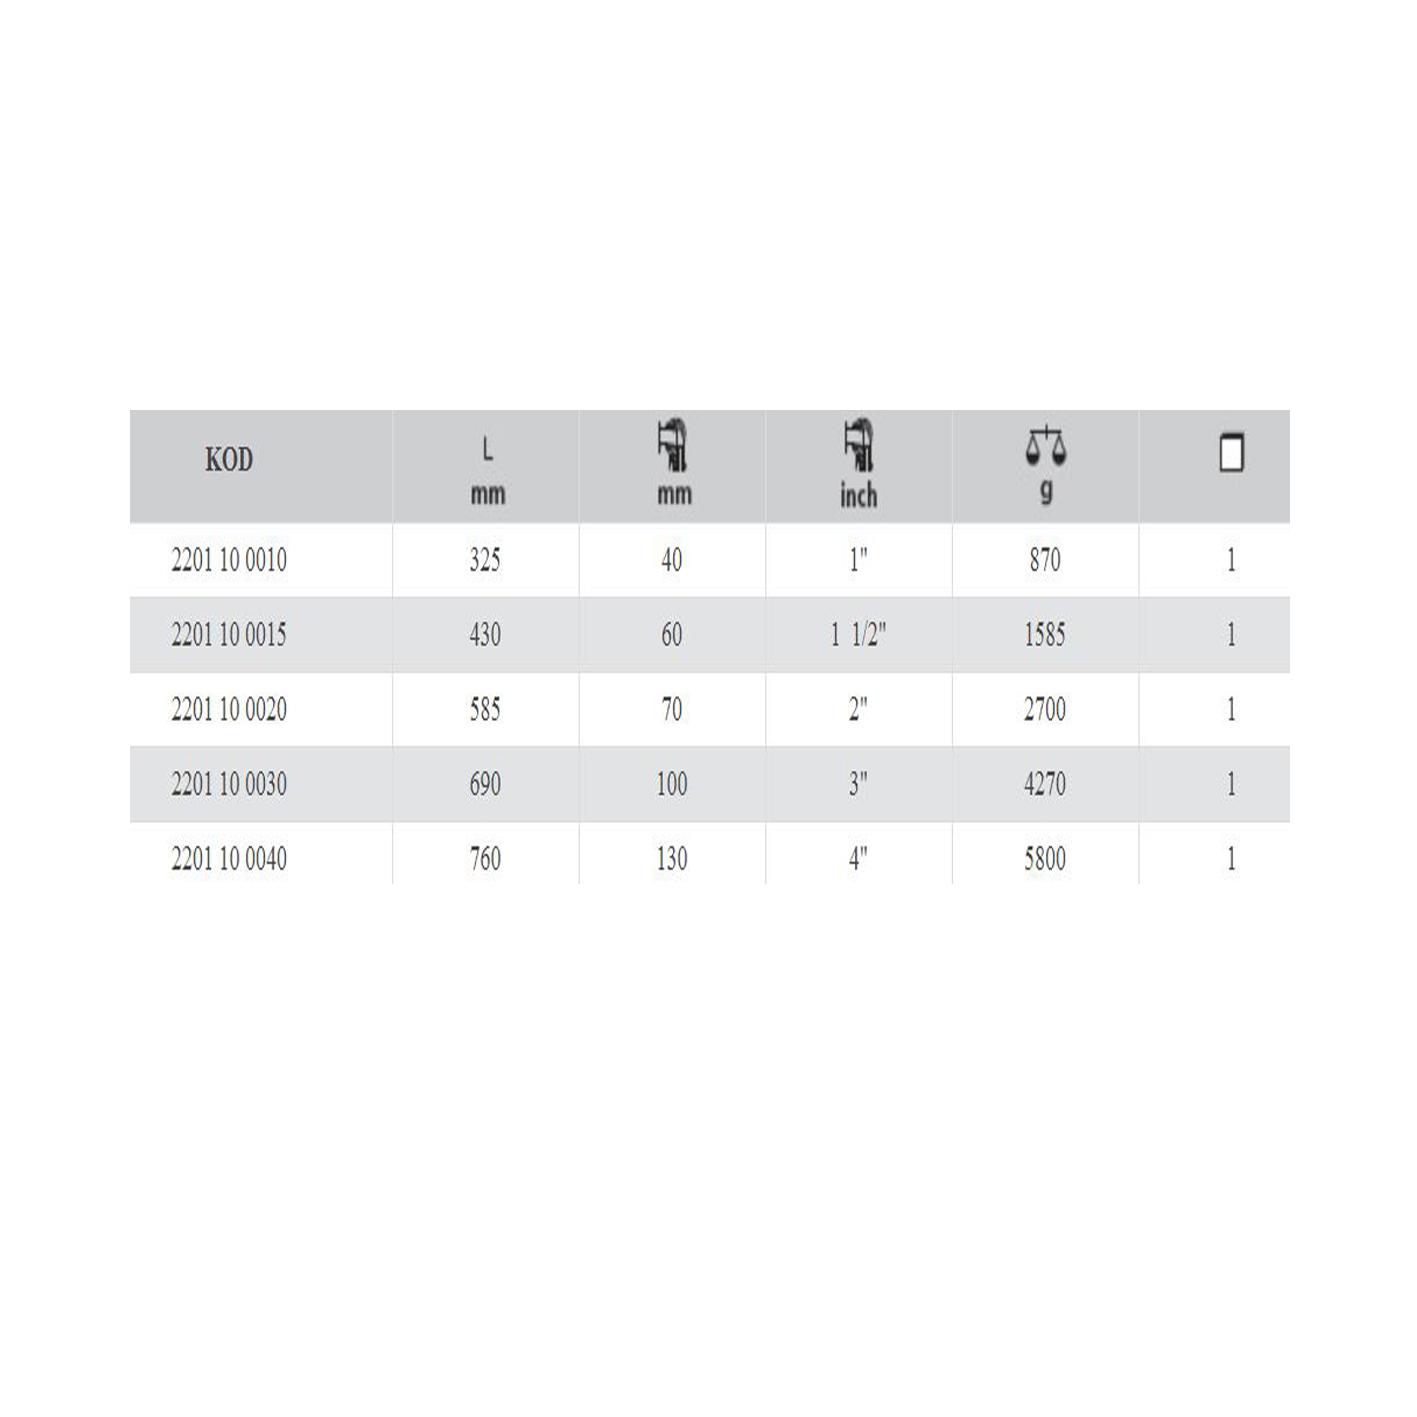 İzeltaş 11/2 İnç Maşalı Boru Anahtarı (85°)